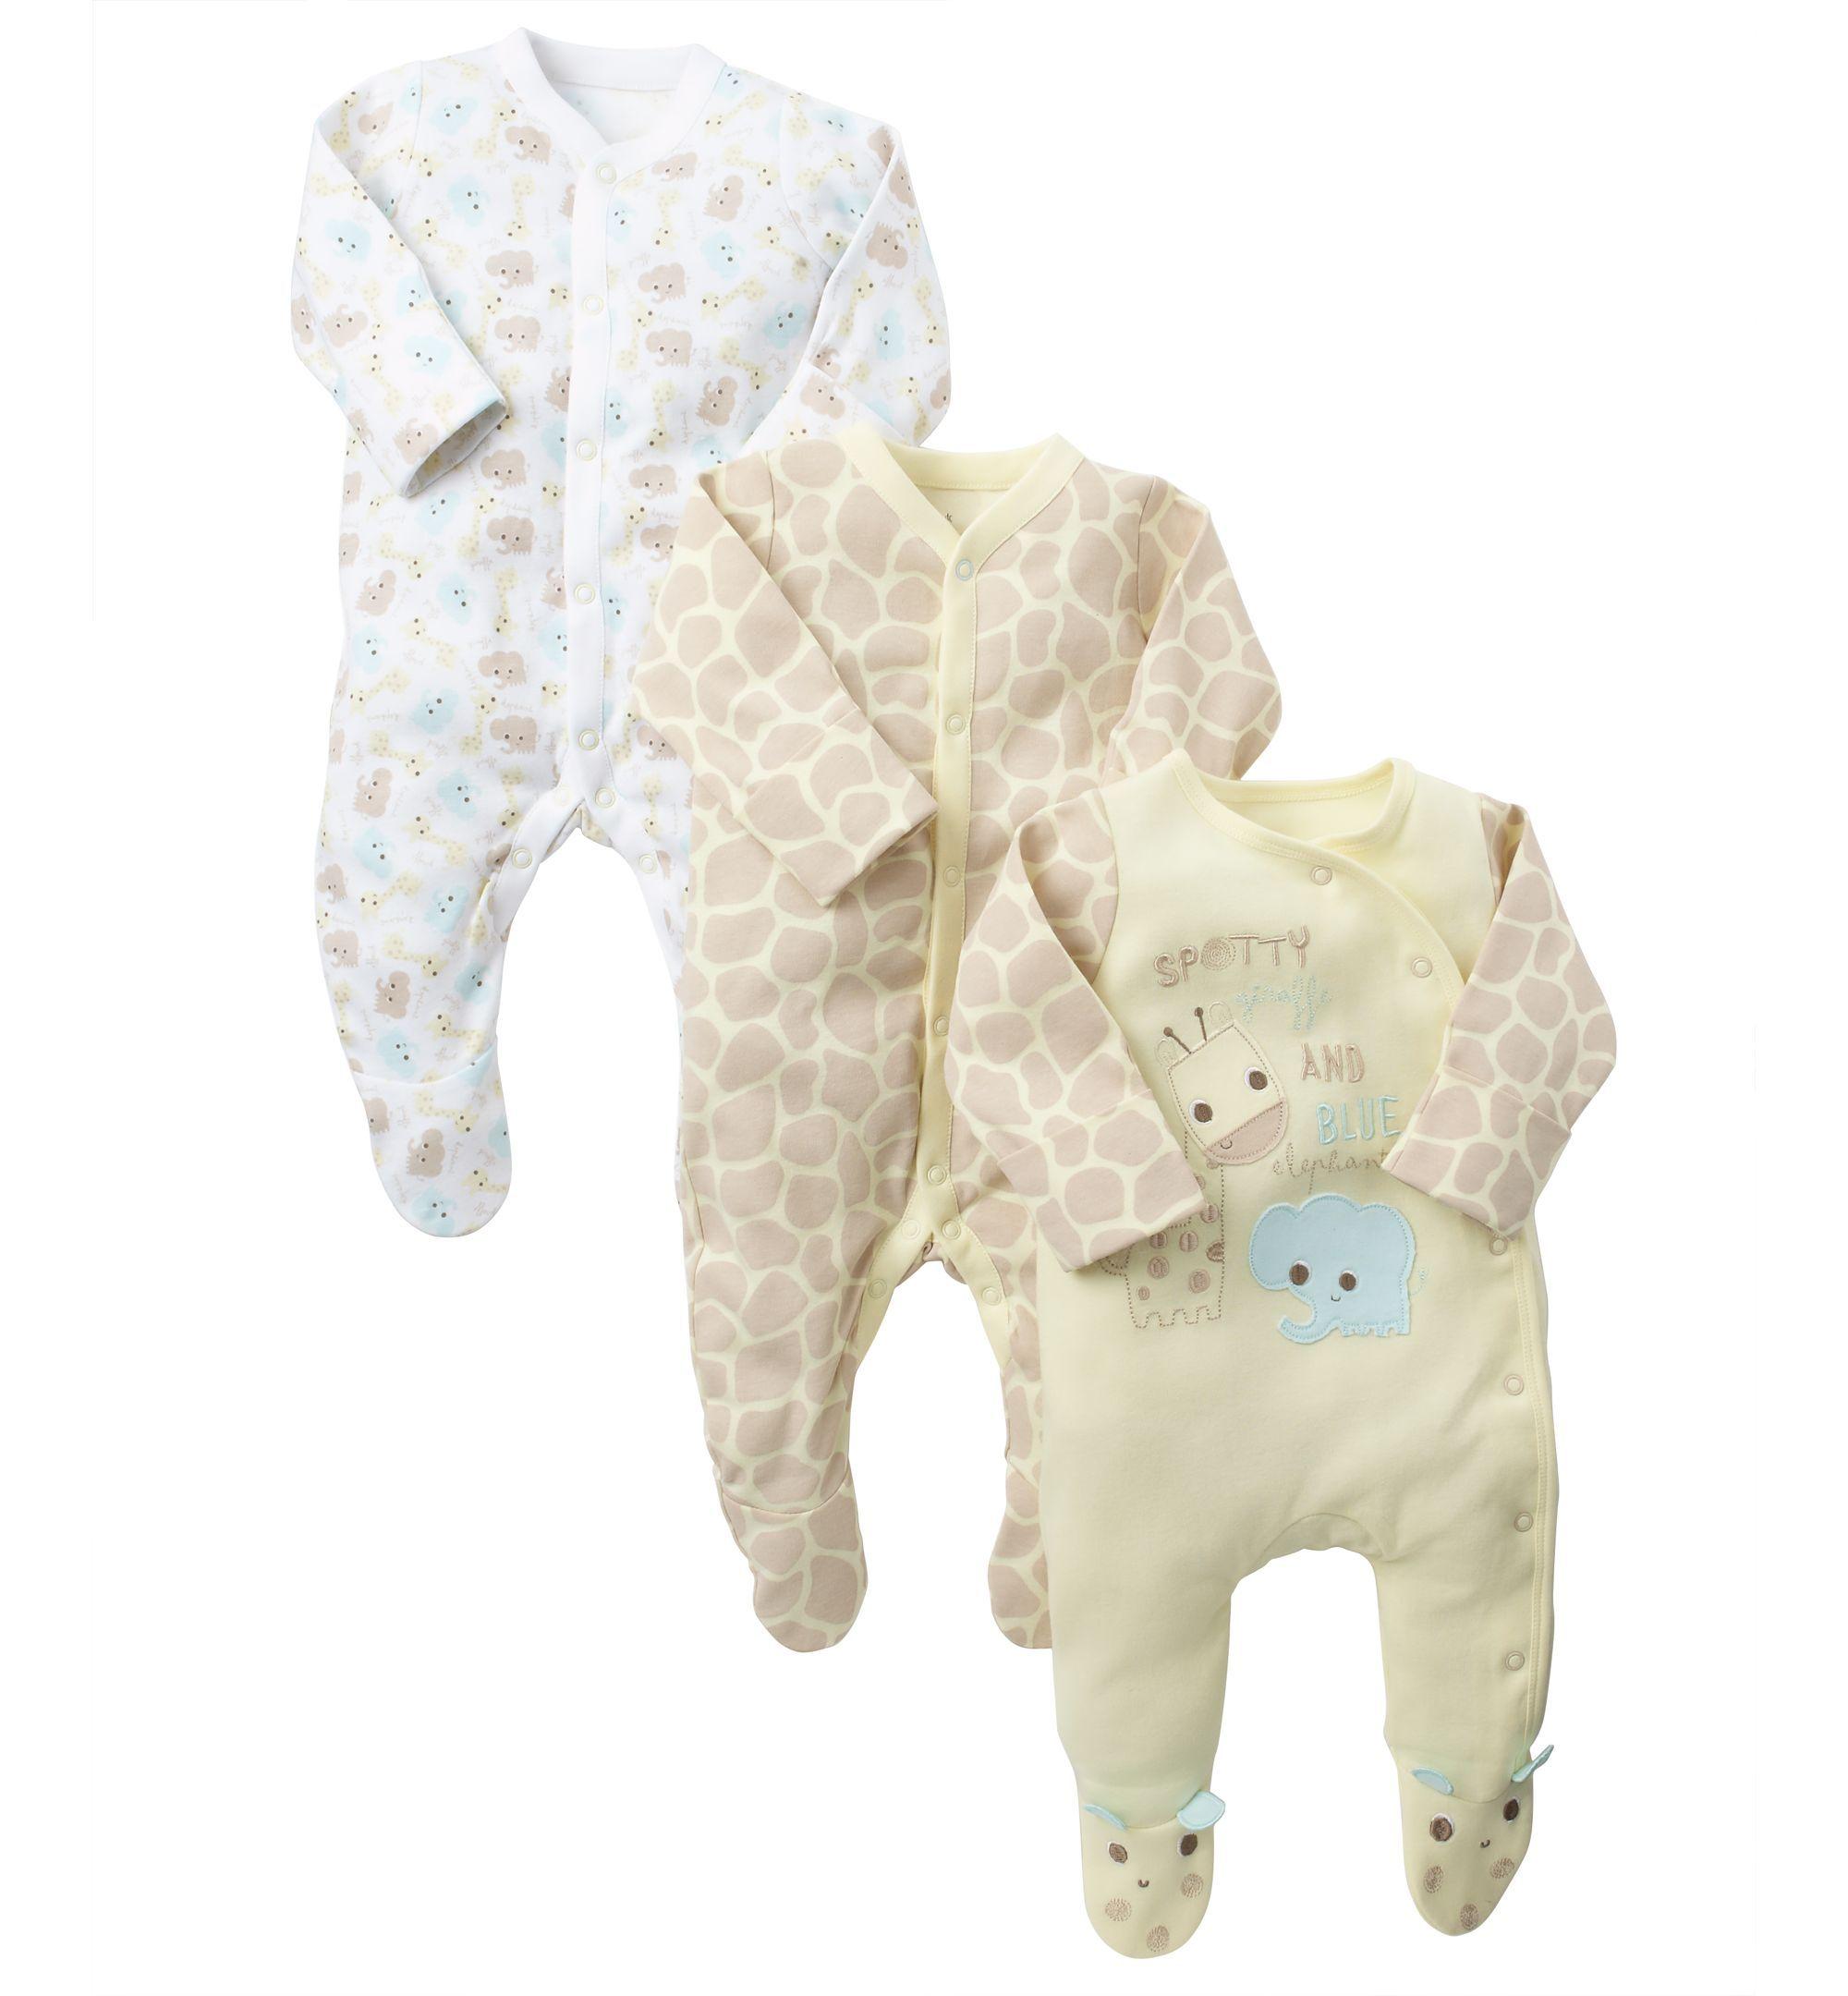 Jojo Maman Bebe Unisex Baby Sleepsuit Bodysuit Bundle Babygrow Set Newborn 0-3M